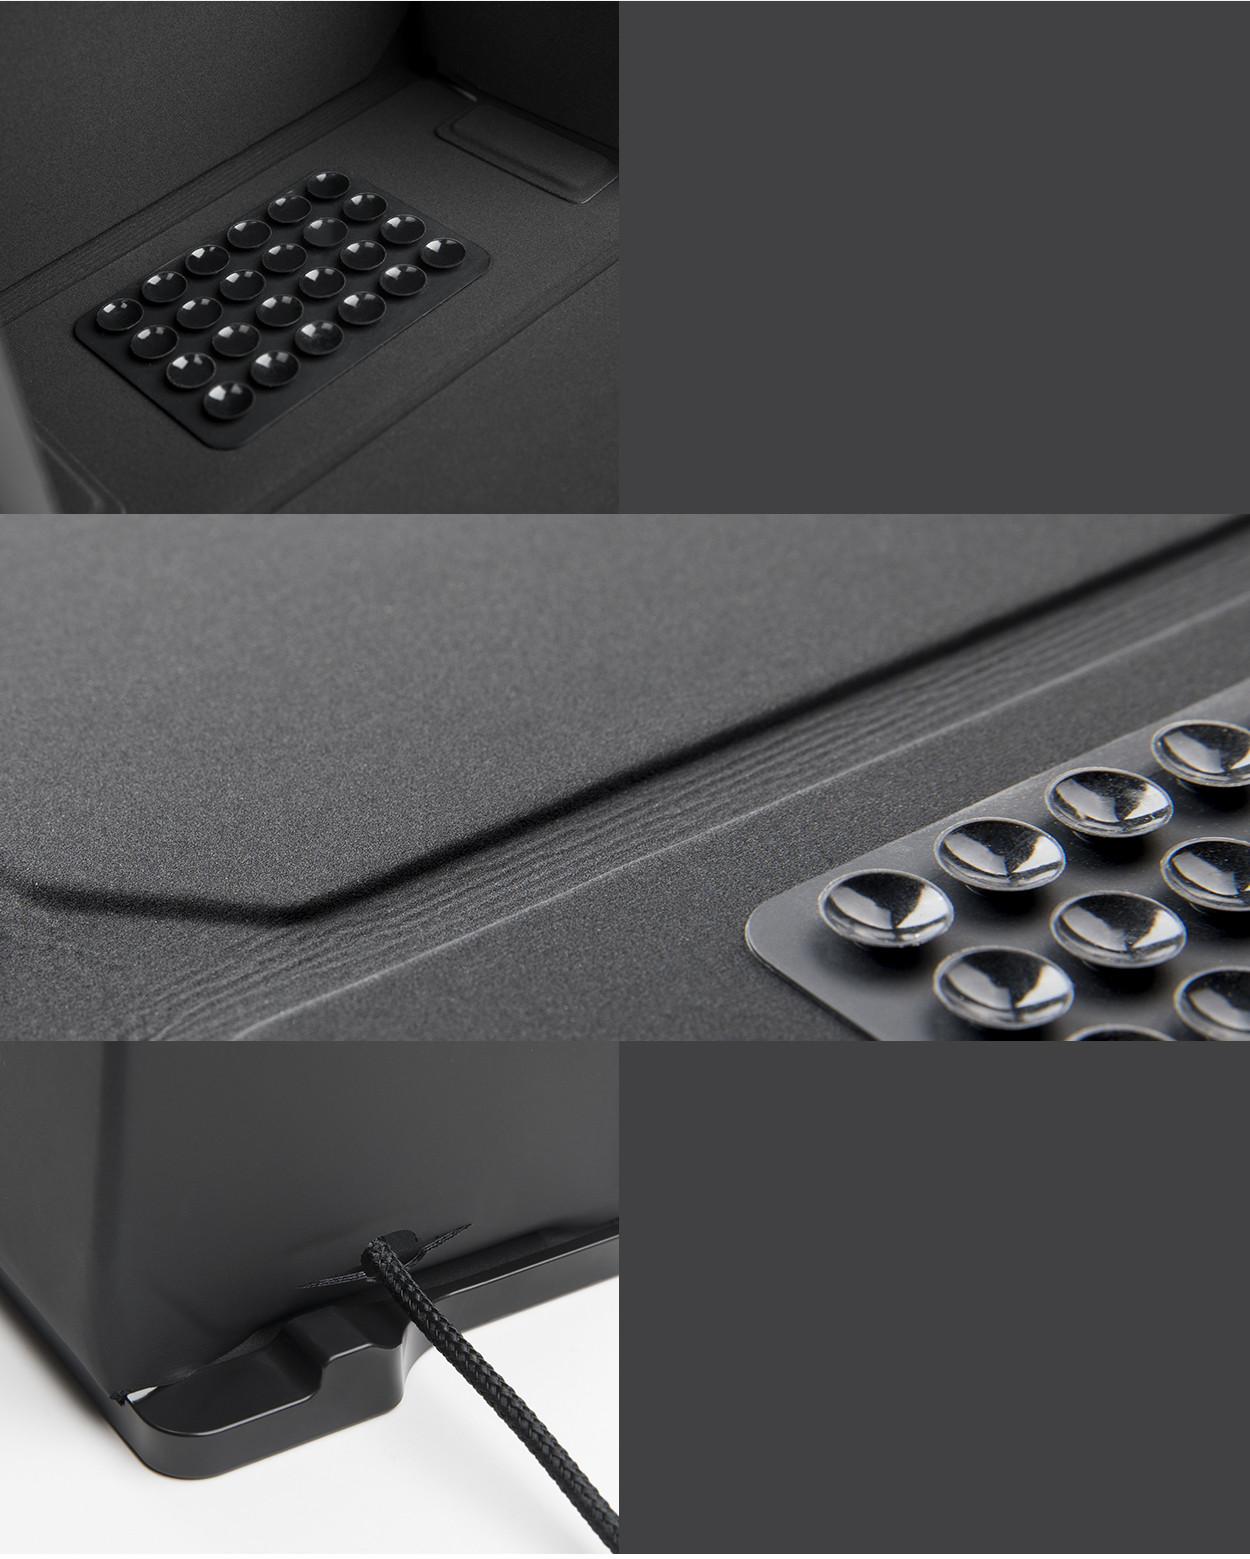 手机屏幕遮光罩英文-2_08.jpg